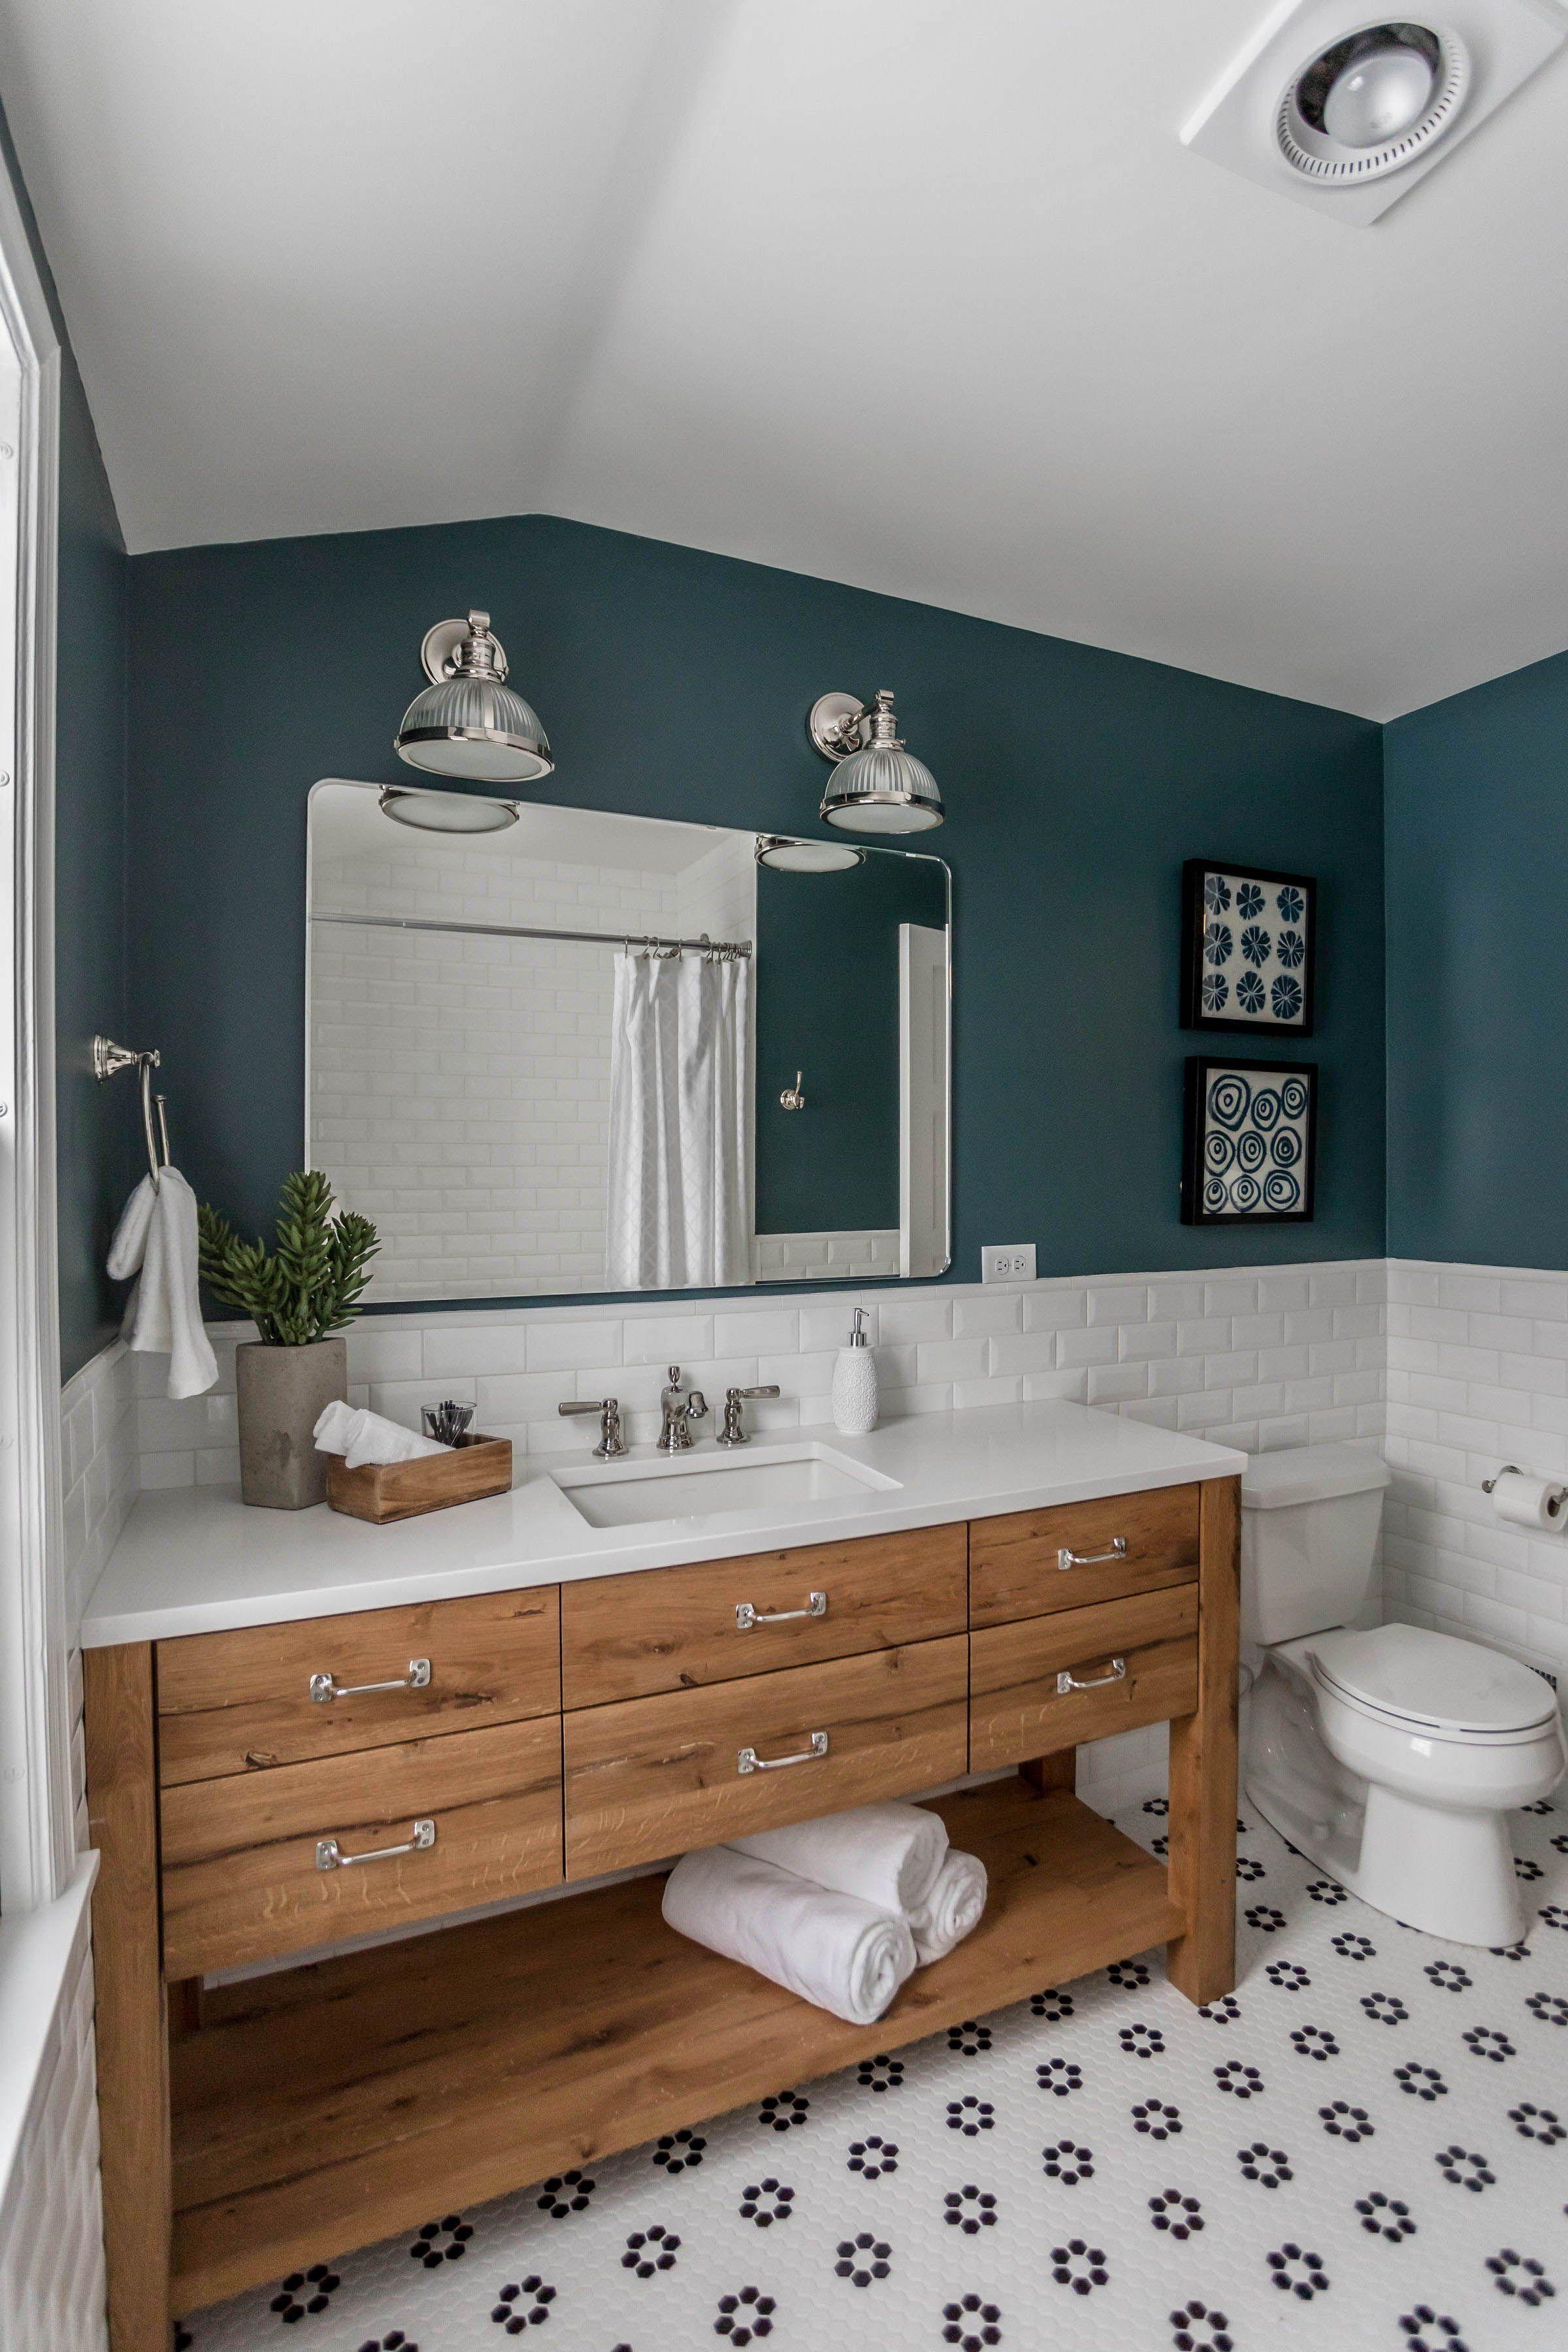 13 Pretty Small-Bathroom Decorating Ideas in 2020 | White ...